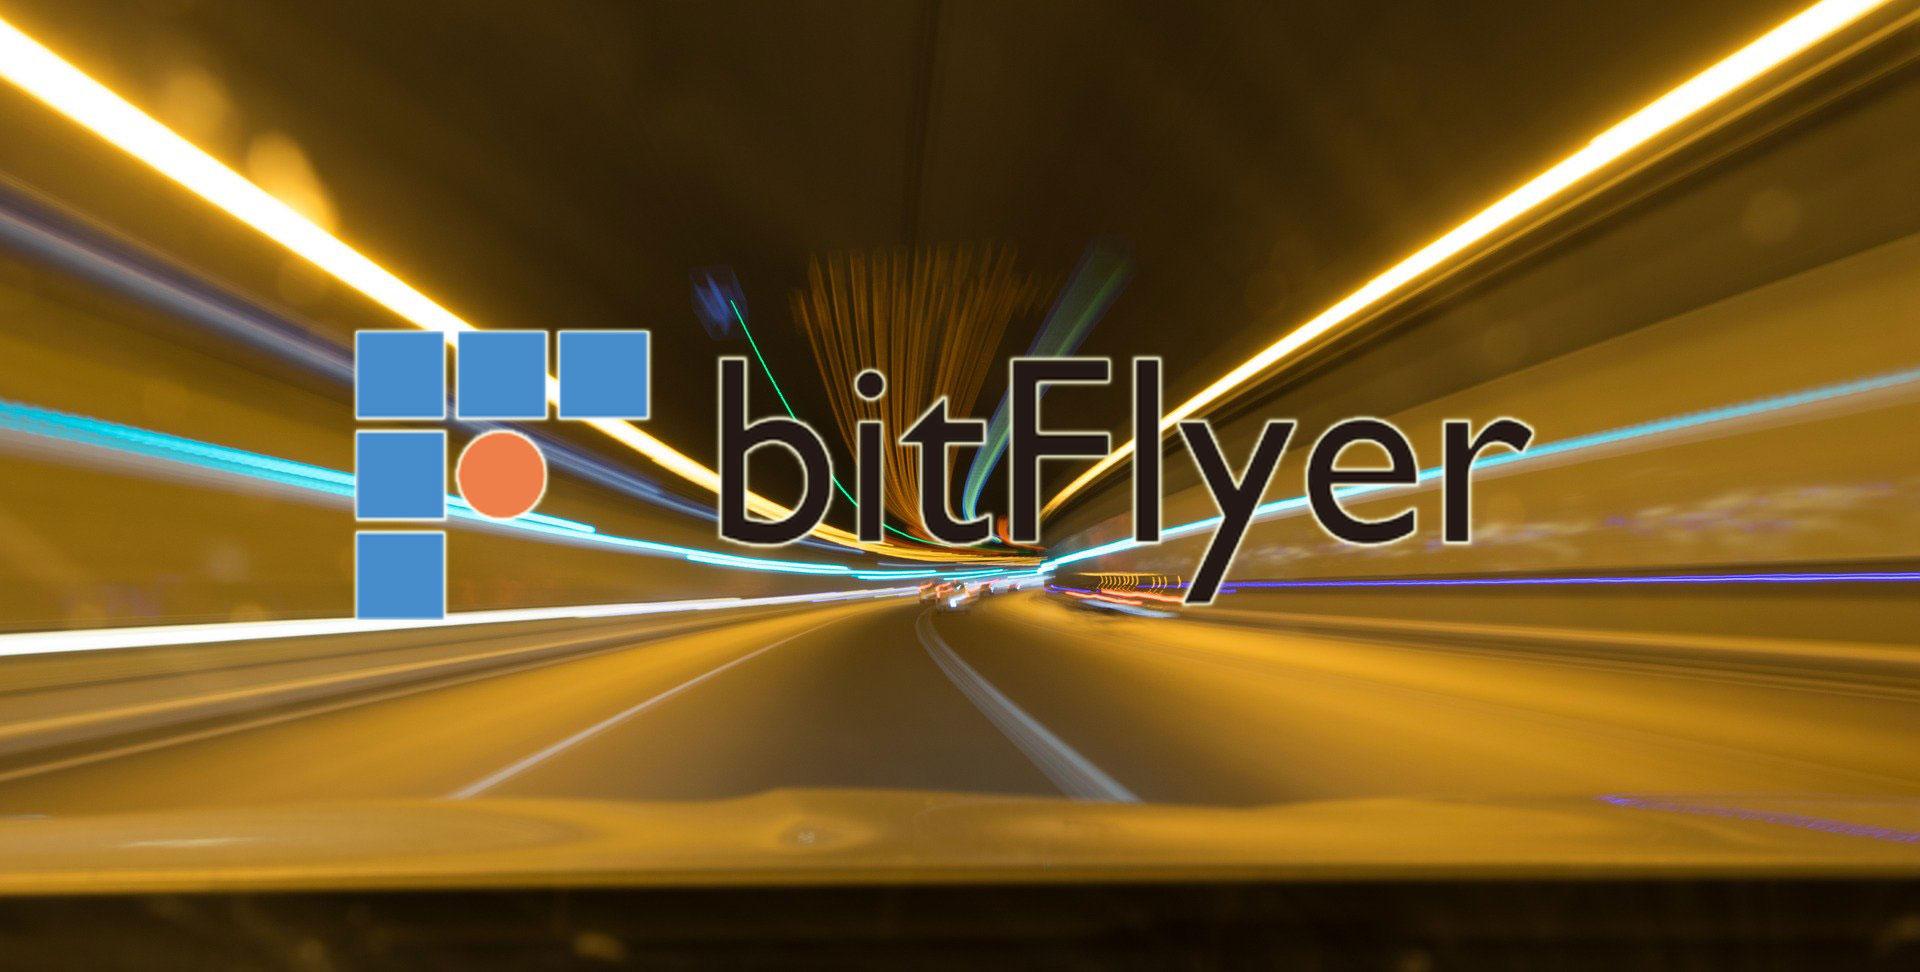 仮想通貨取引所「bitFlyer」、本人確認(KYC)期間を最短即日で完了できる「クイック本人確認」提供開始!